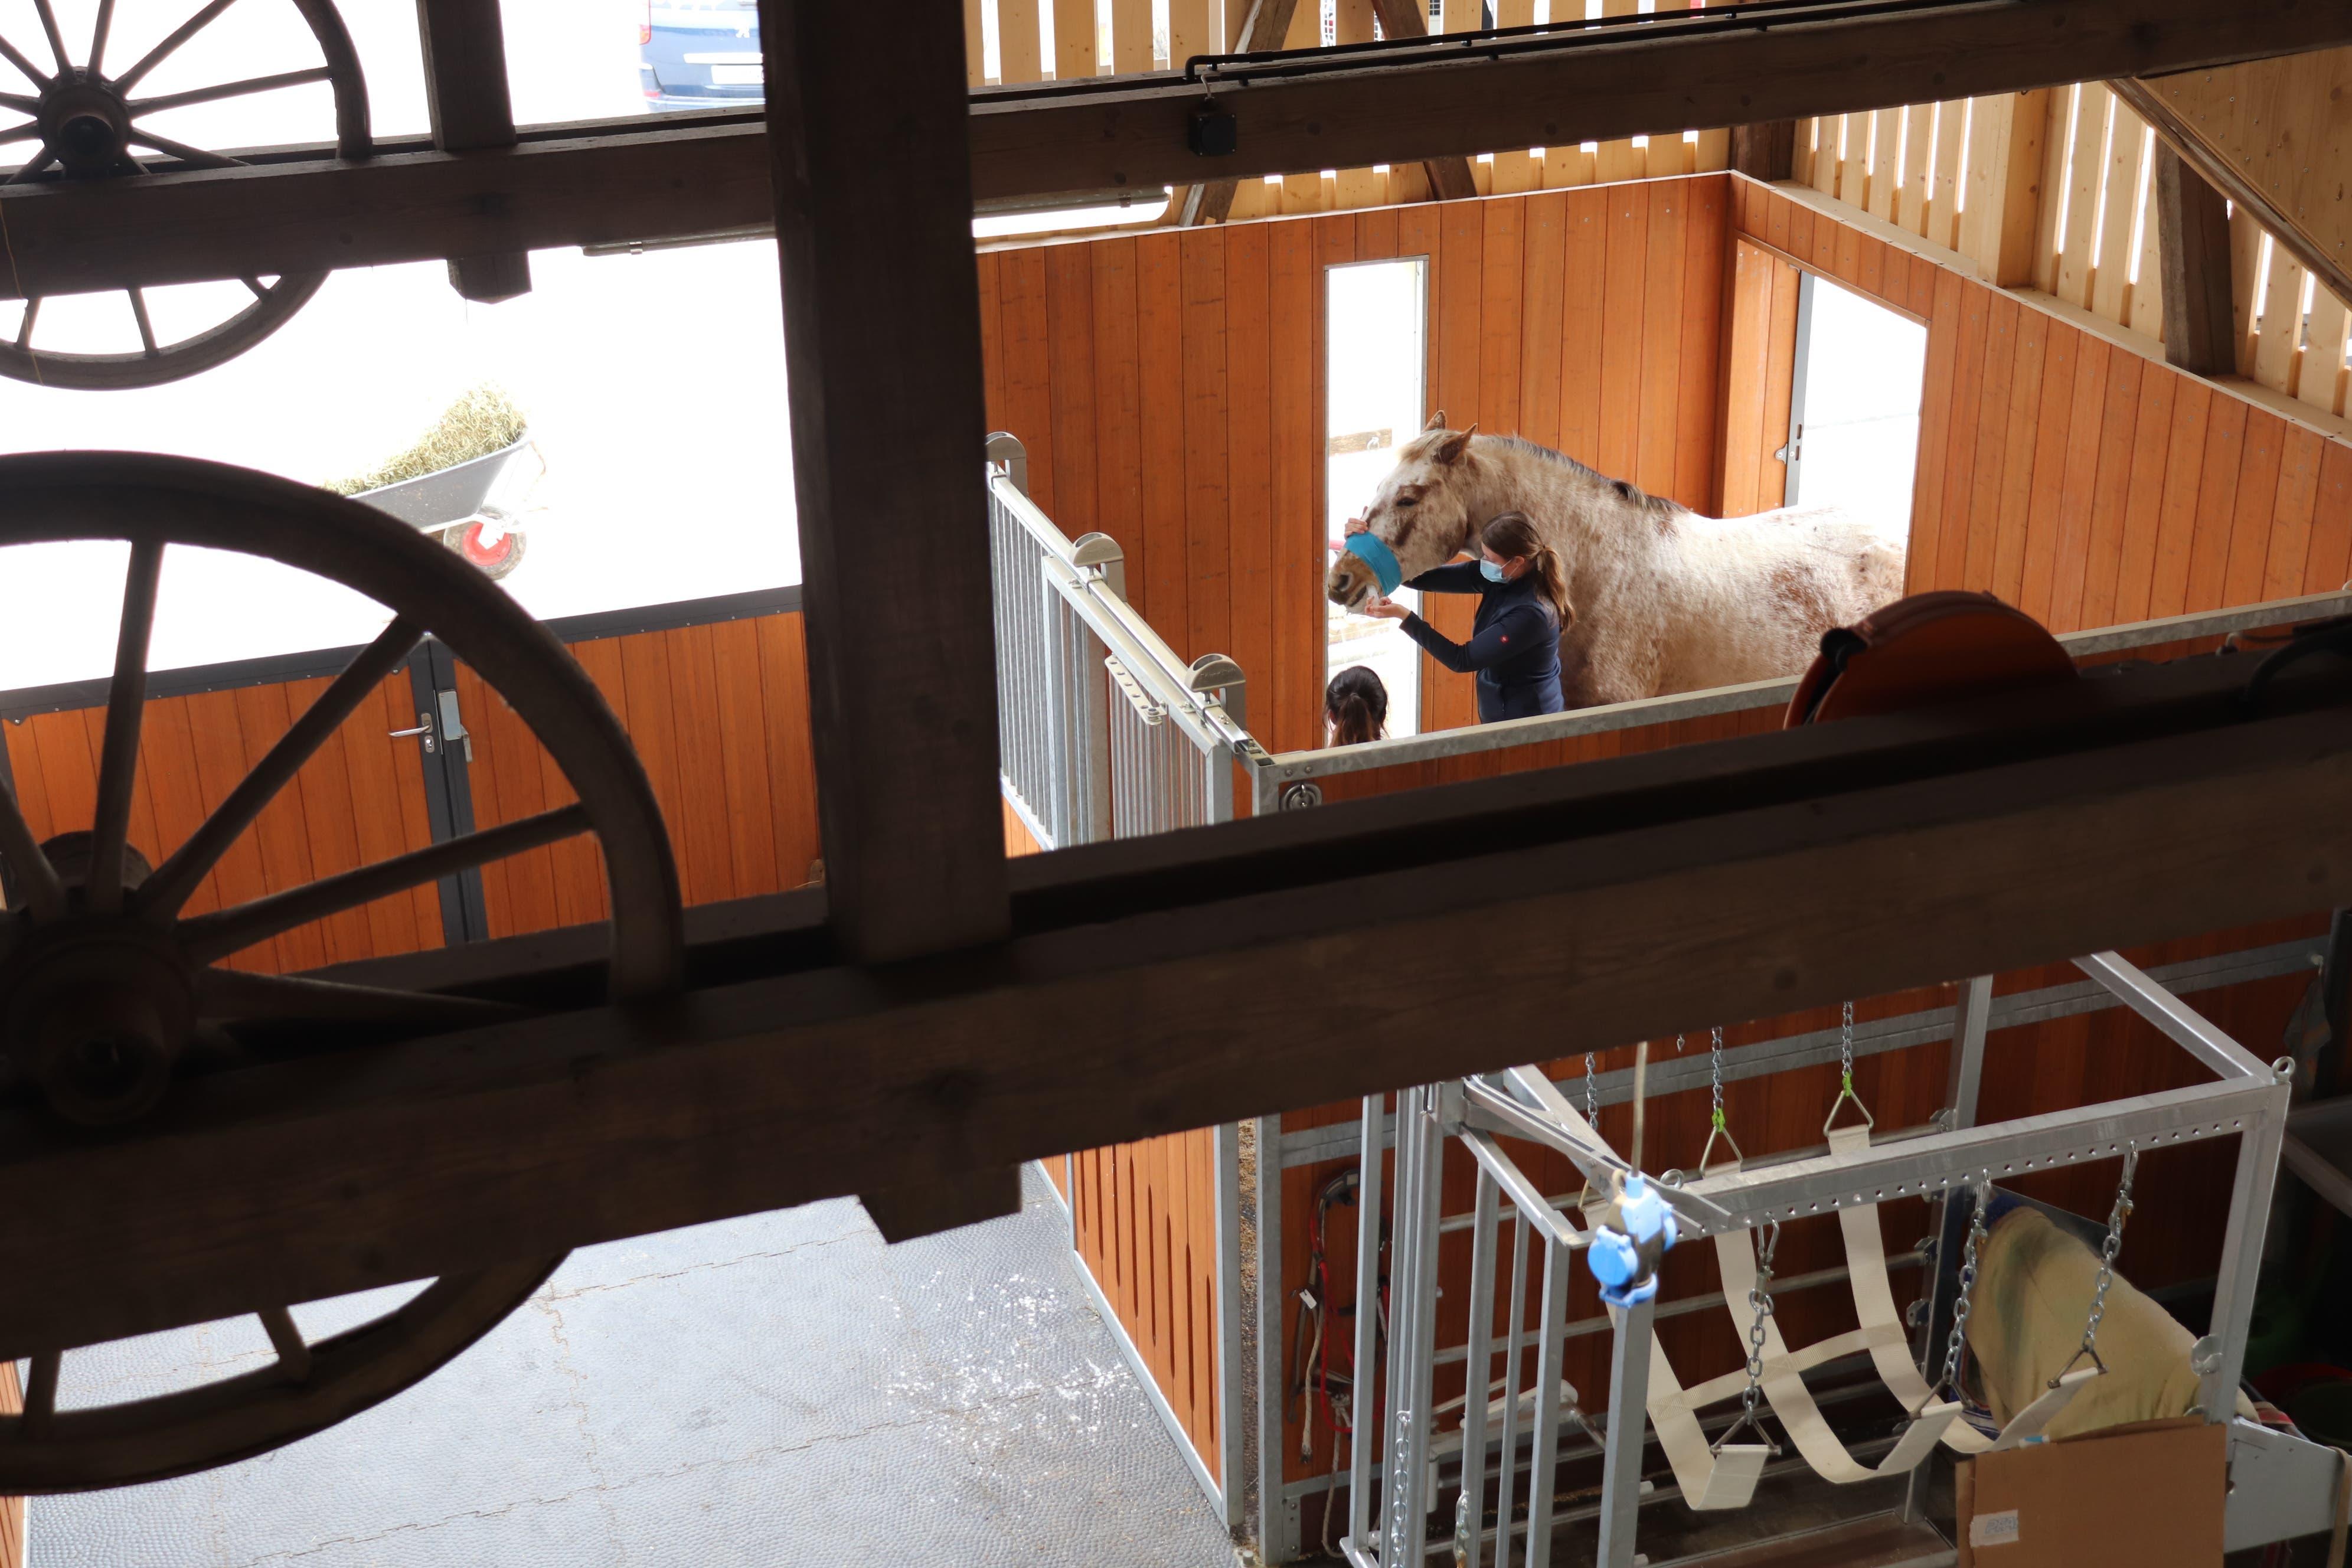 Stallmeisterin Sanja Leuenberger ist Bauleiterin des Neubaus mit fünf mobilen Operationsräumen der Tierklinik 24, die sie und ihr Mann Hansjakob Leuenberger führen.